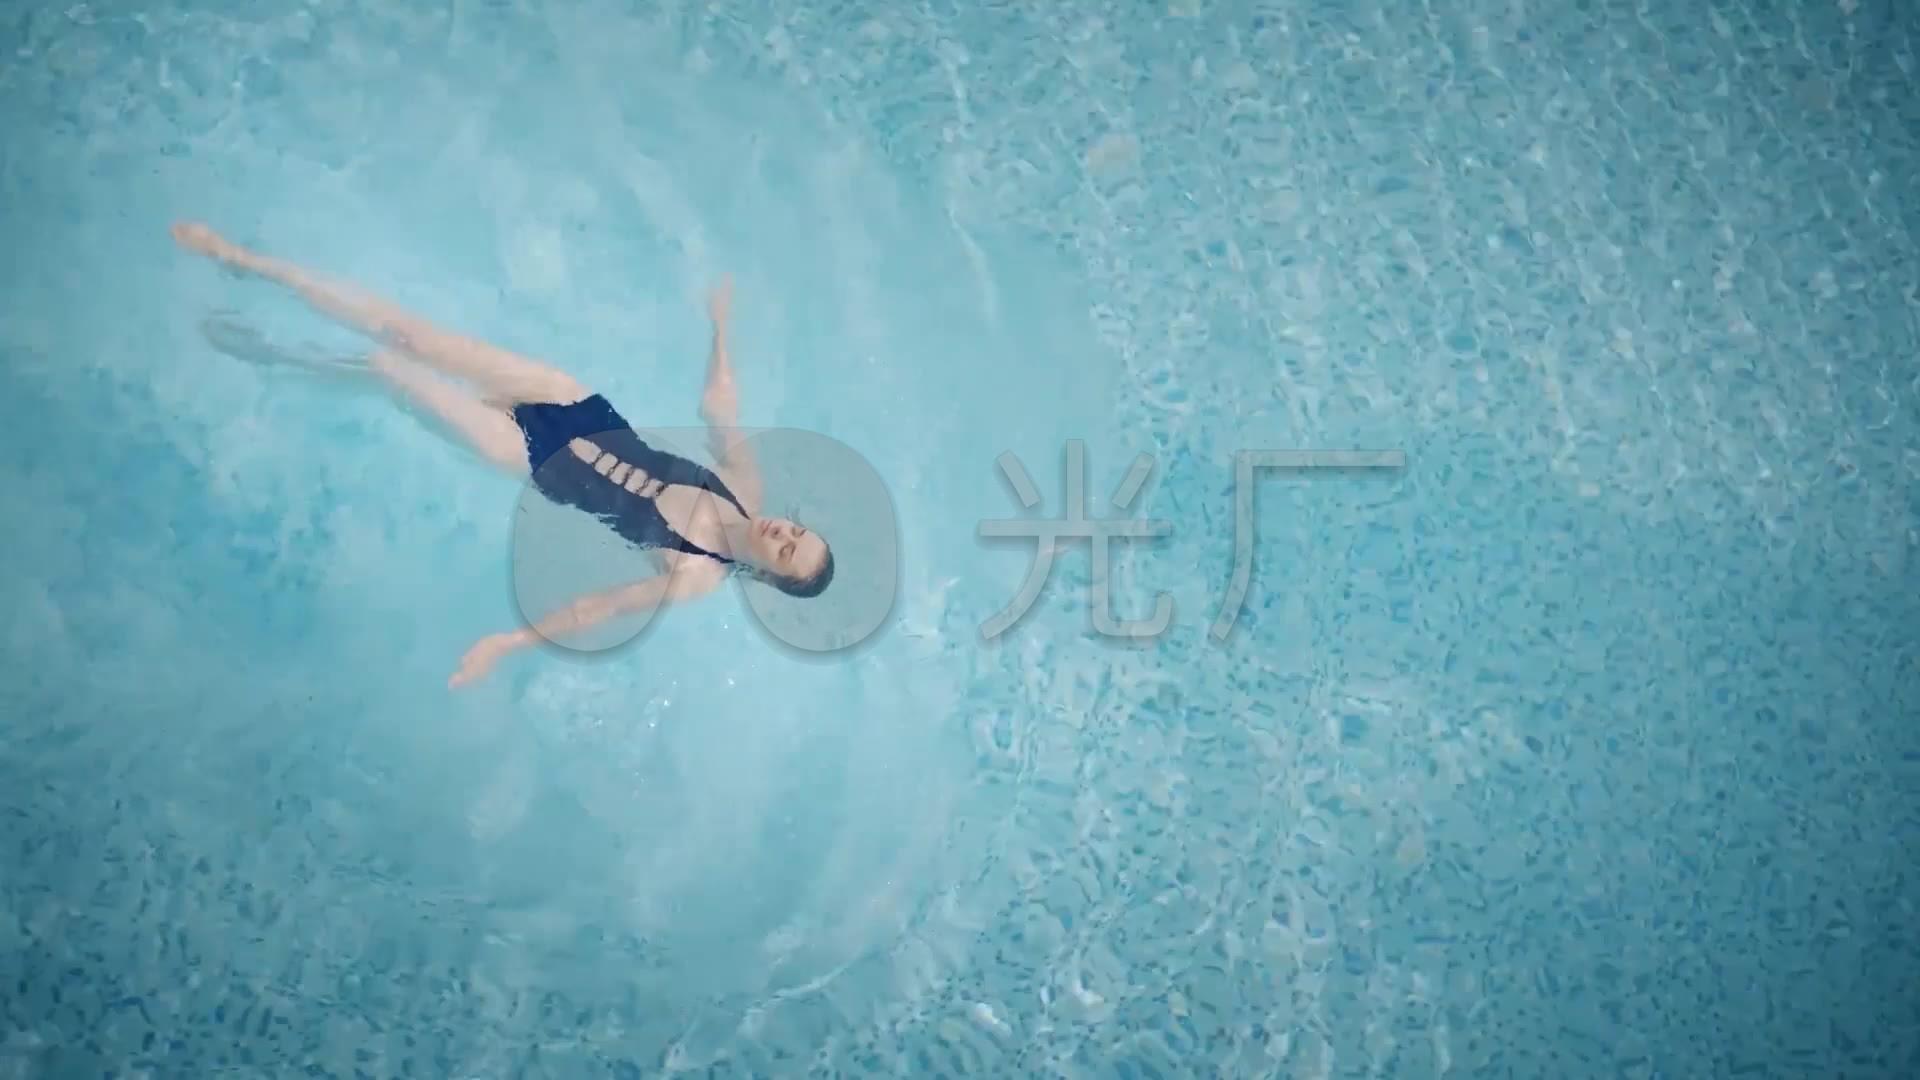 健身游泳最强-性感女郎推琪萌琪性感美女_1920X1080_视频素材高清图片